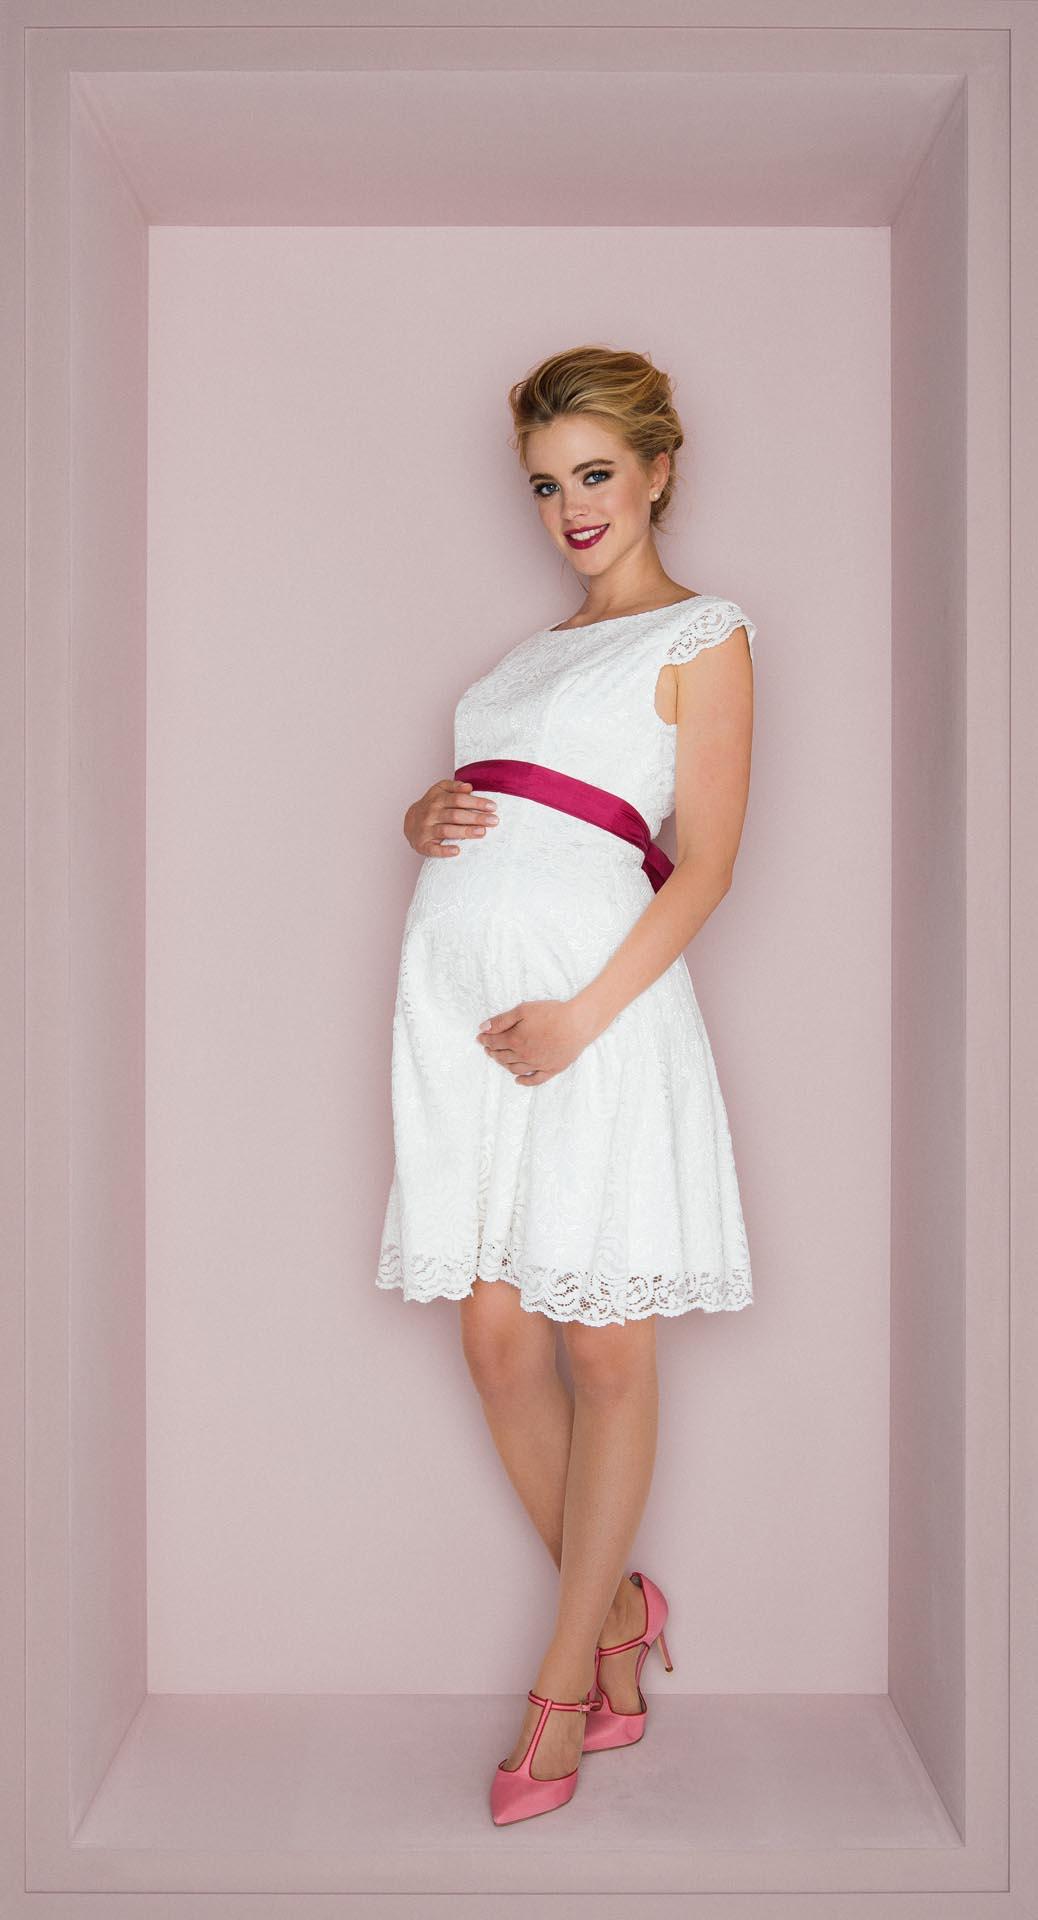 Schwanger heiraten: Schöne Brautkleider für die Schwangerschaft